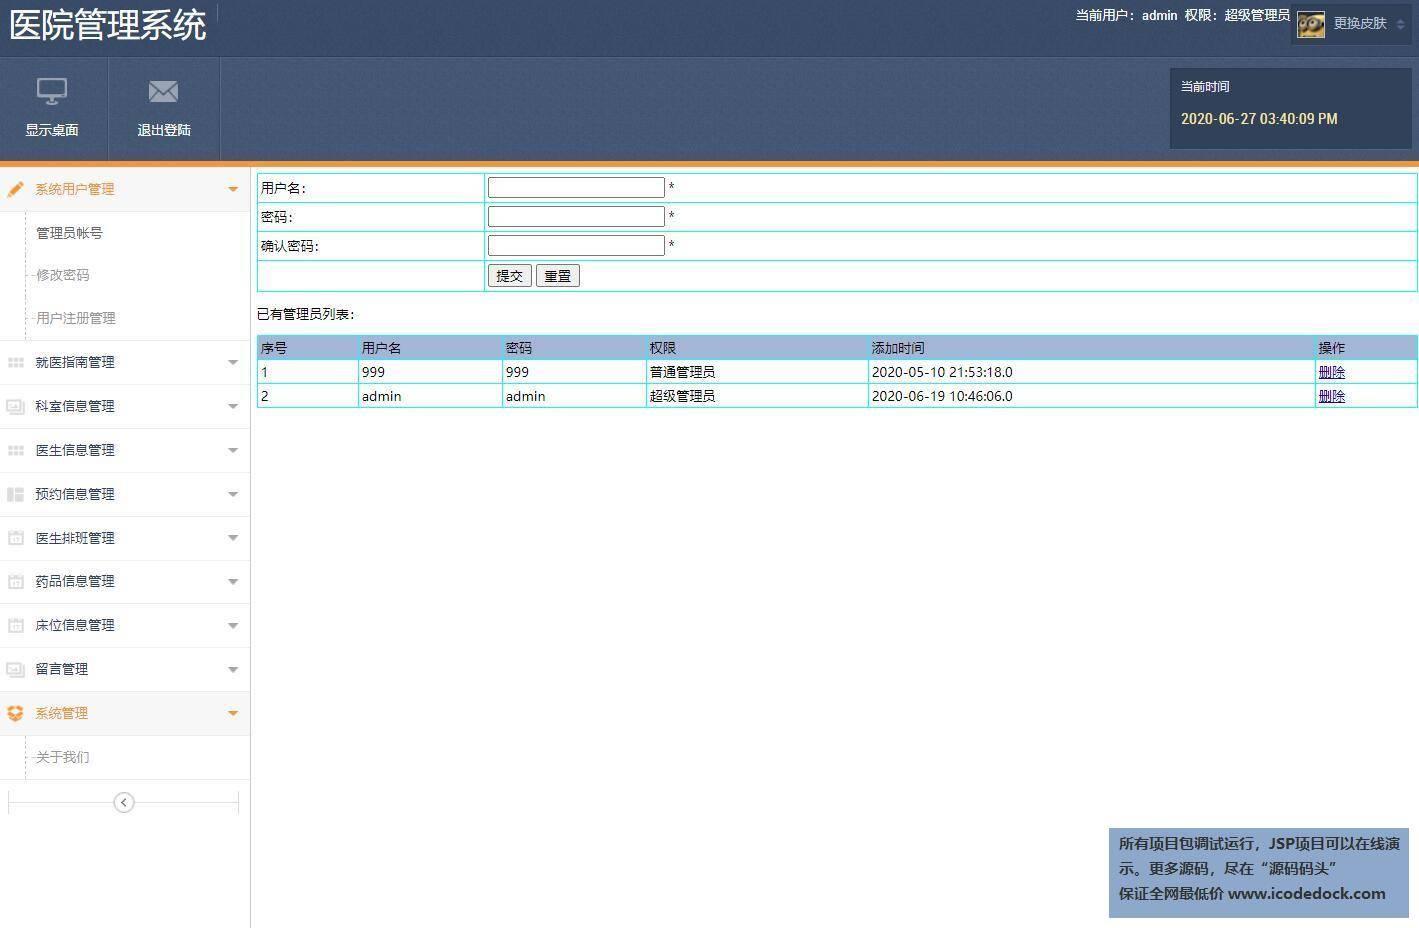 源码码头-JSP医院信息管理系统-管理员角色-管理员管理